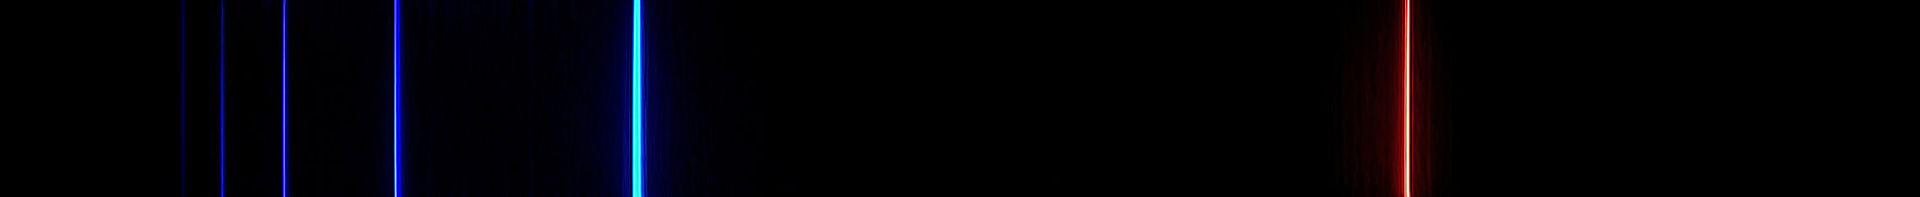 Balmer-Serie des Wasserstoff-Spektrums